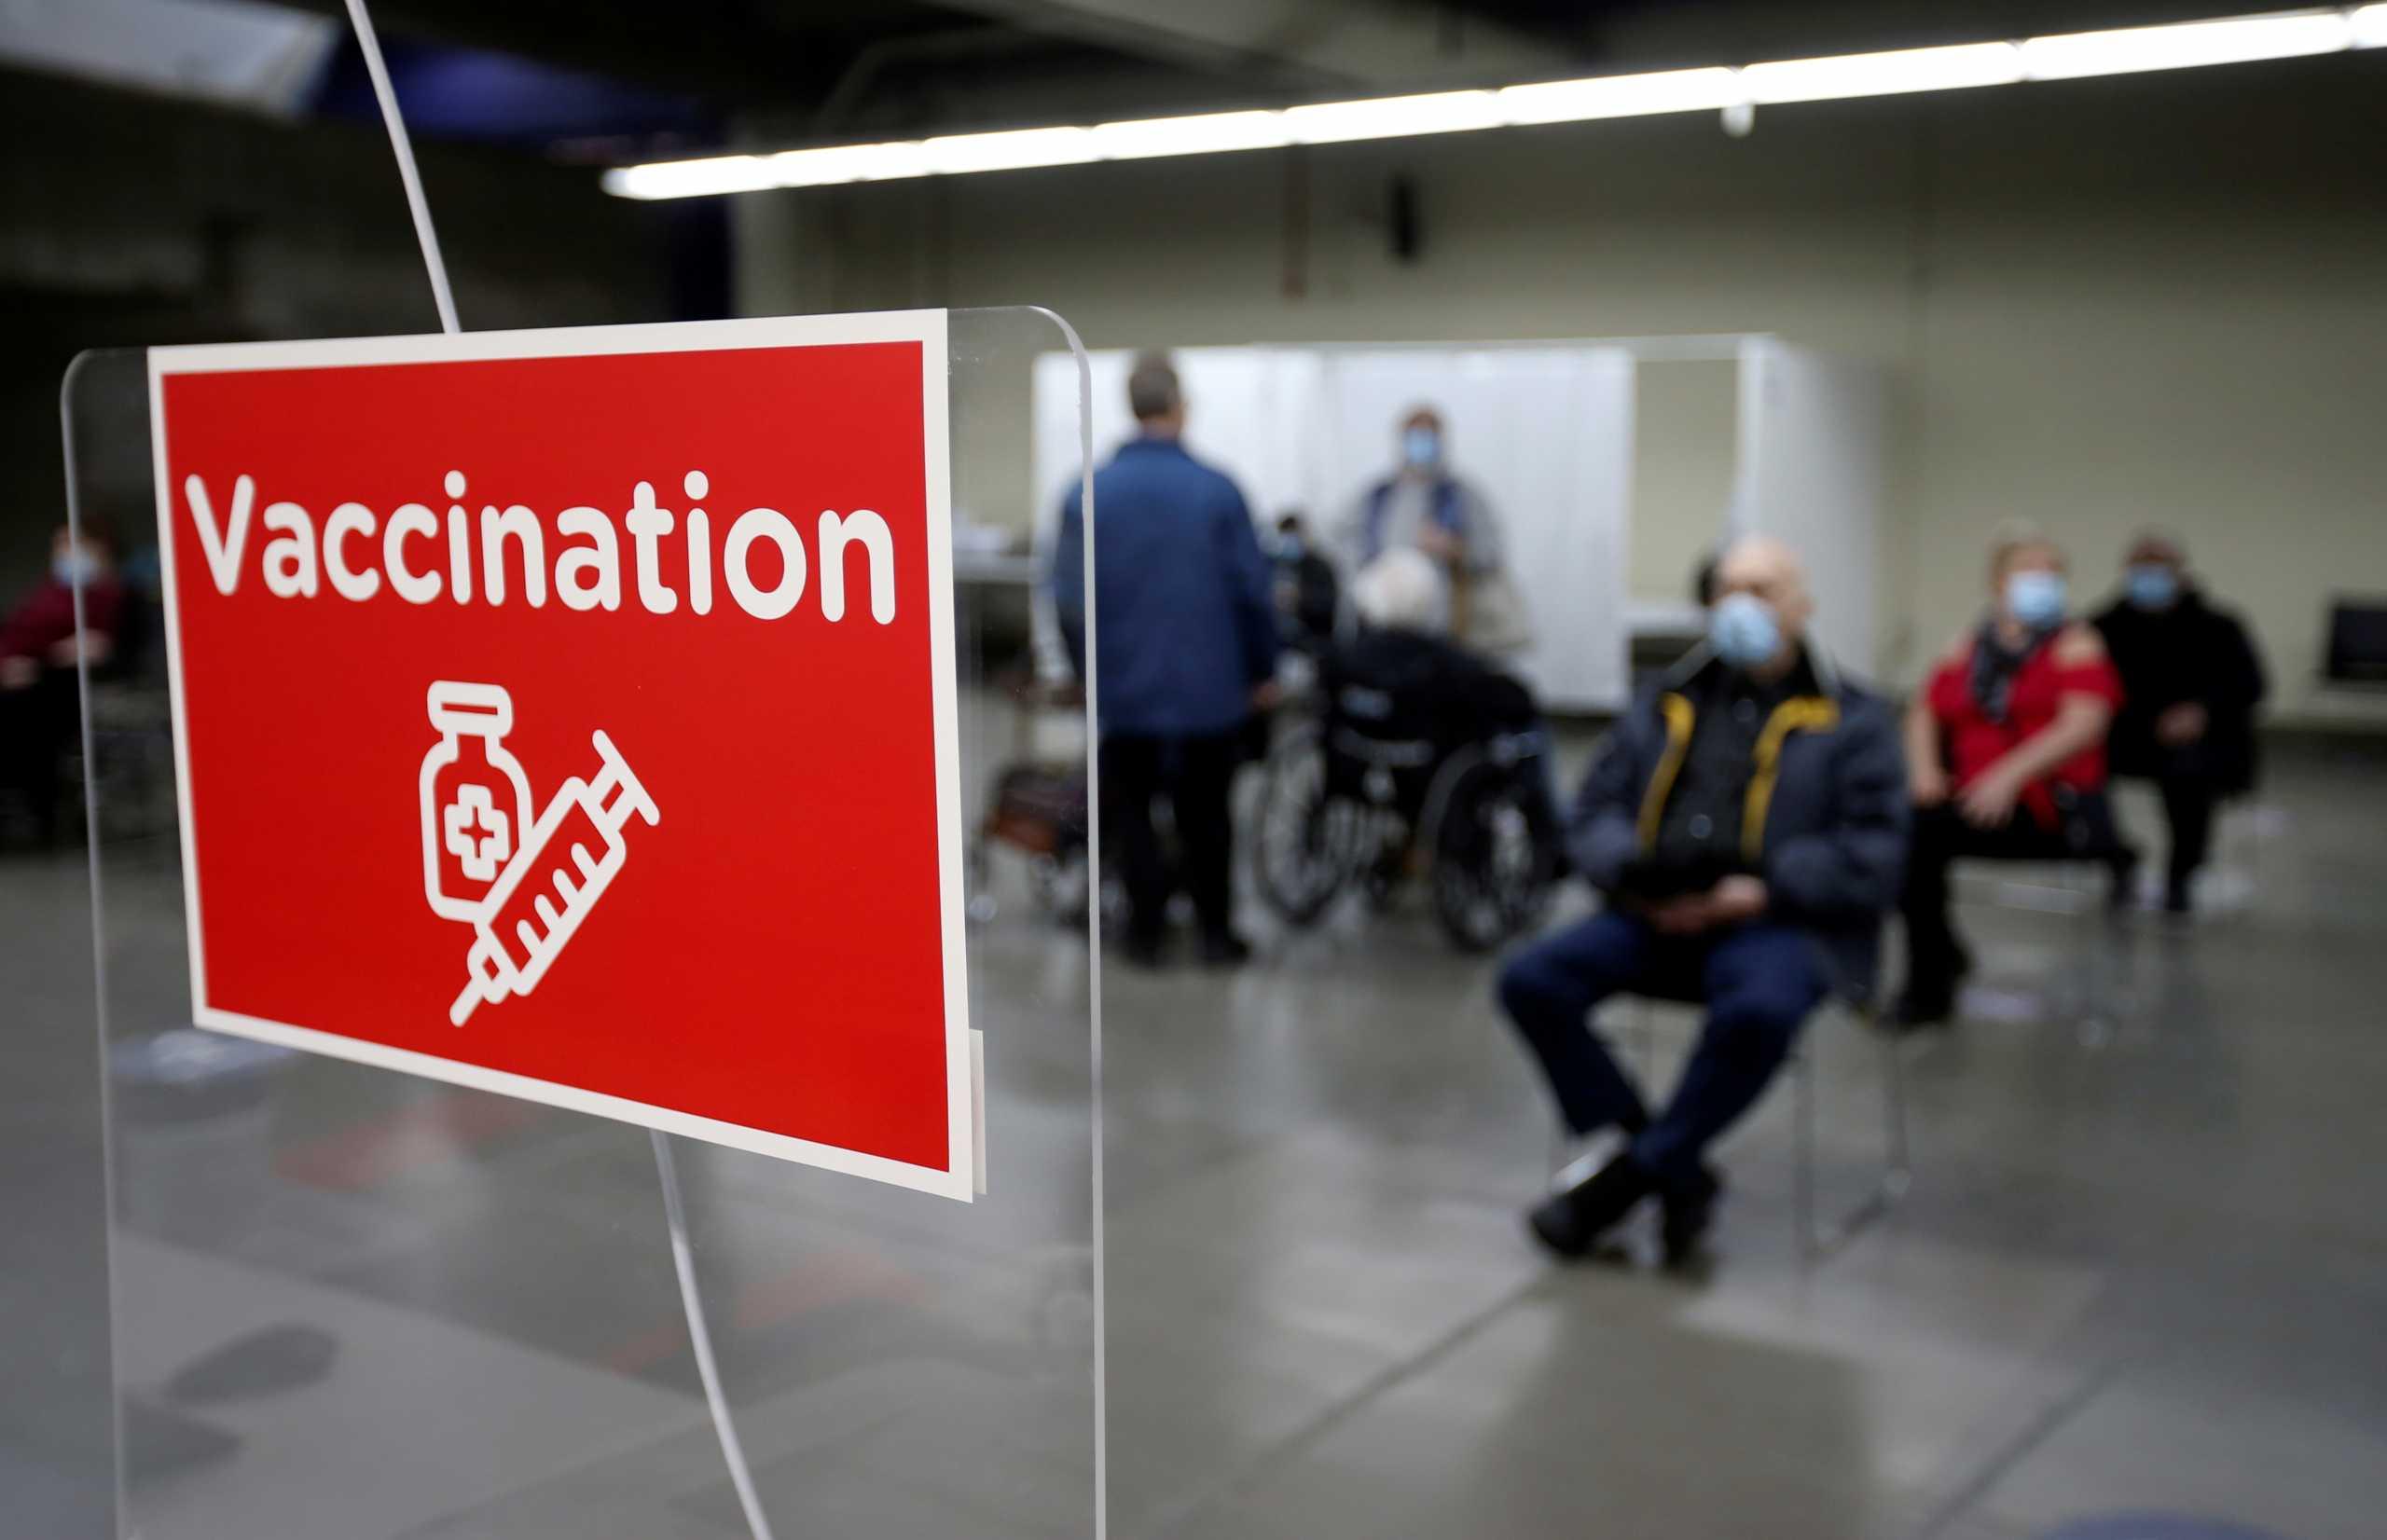 Ελπίδα από τον Καναδά: Μείωση κρουσμάτων στους άνω των 80 χάρη στα εμβόλια